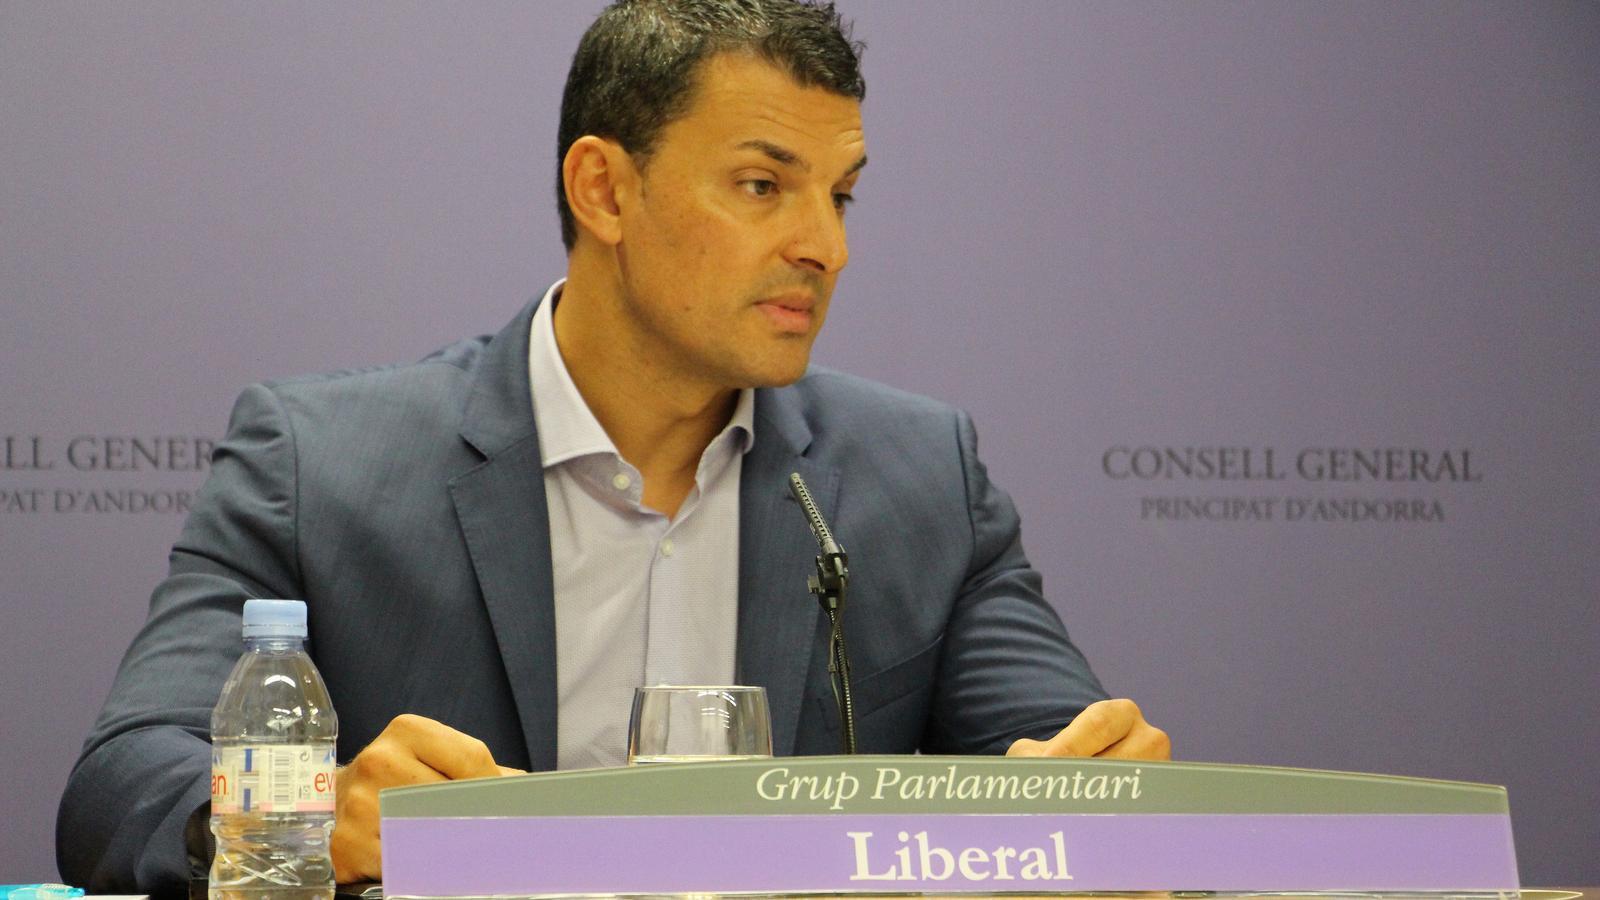 El president de Liberals d'Andorra i del grup parlamentari liberal Jordi Gallardo, aquest dijous. / N. T.